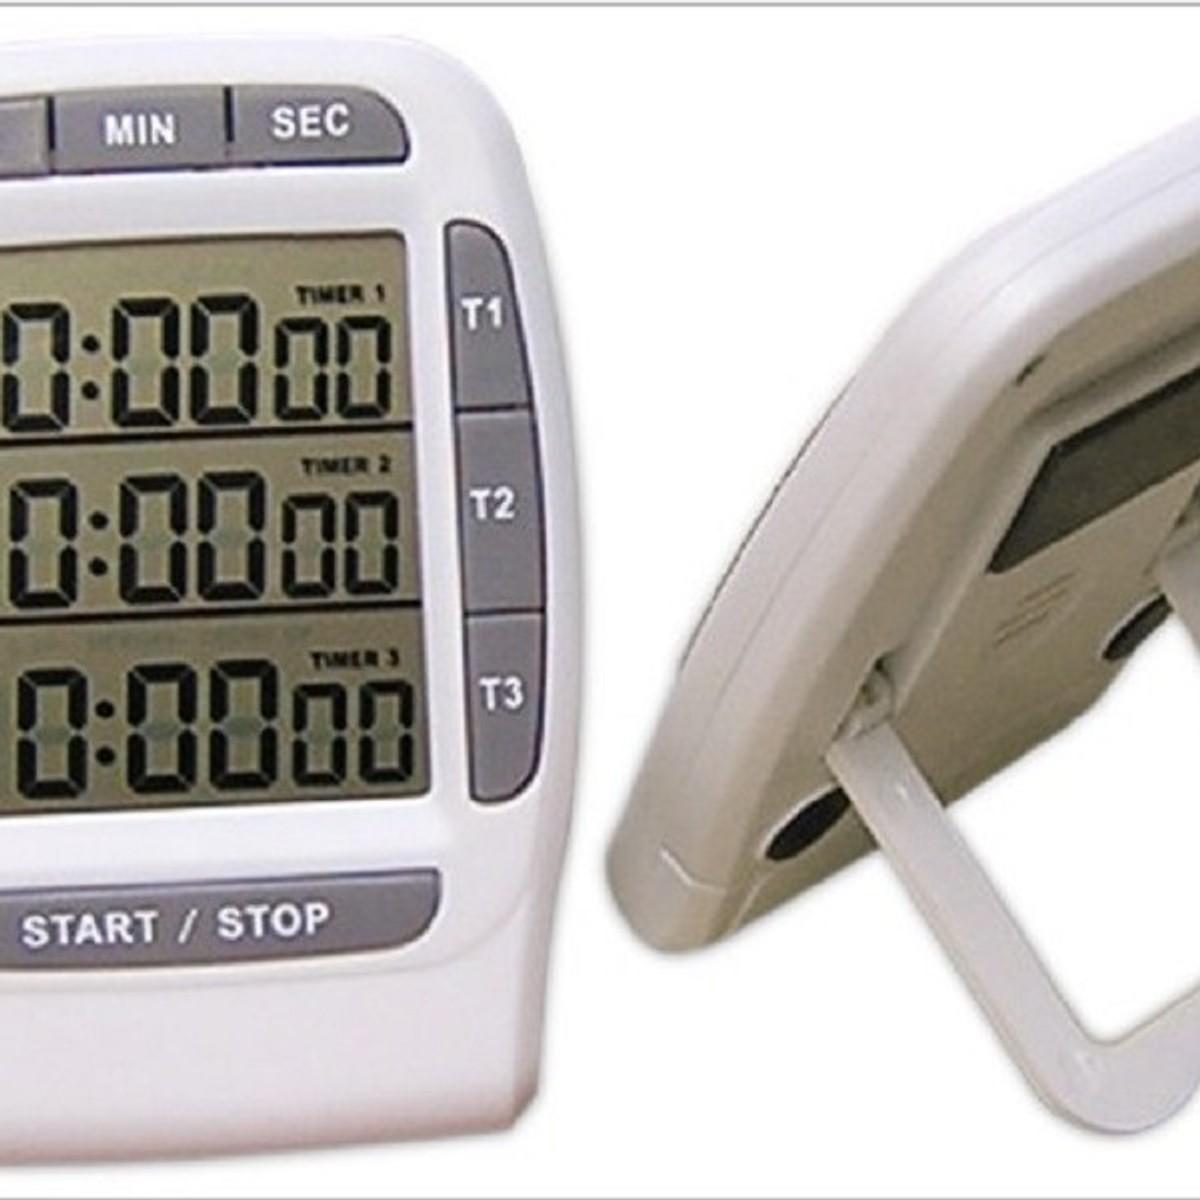 Đồng hồ đếm ngược Canino c1 cao cấp